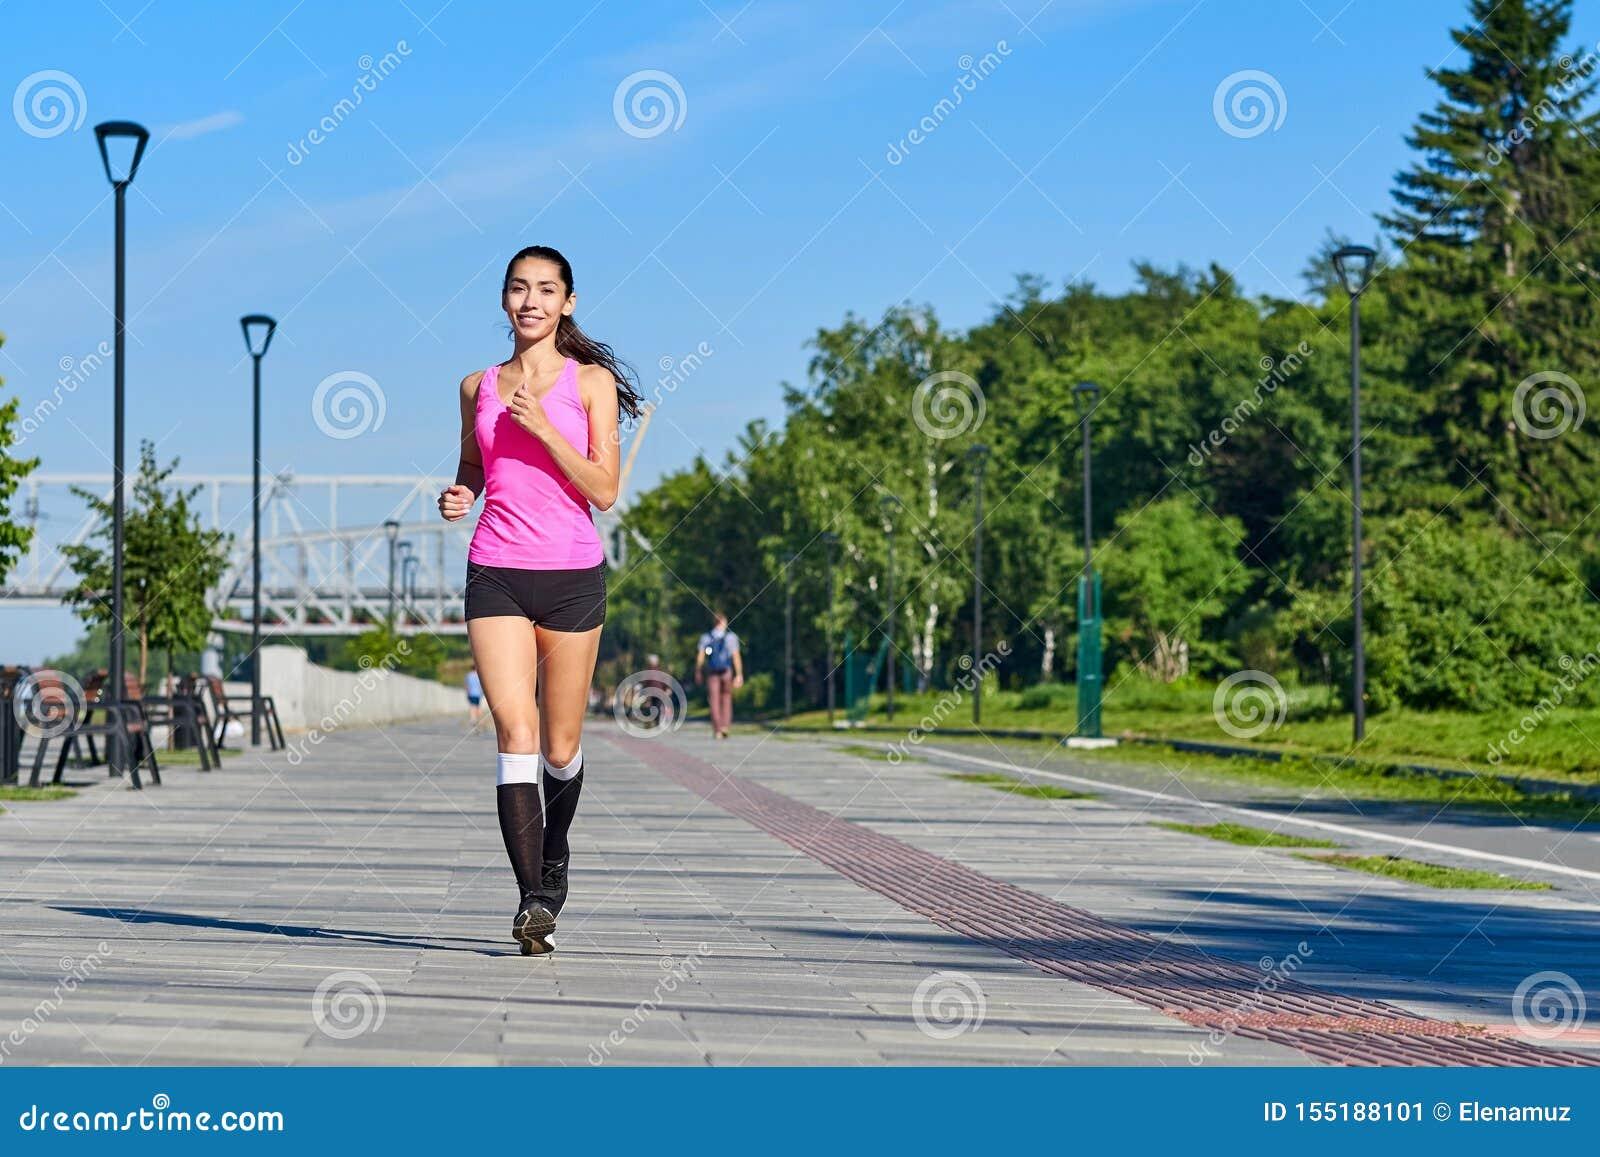 Lopende vrouw op de waterkant Ochtendjogging De atletentreinen